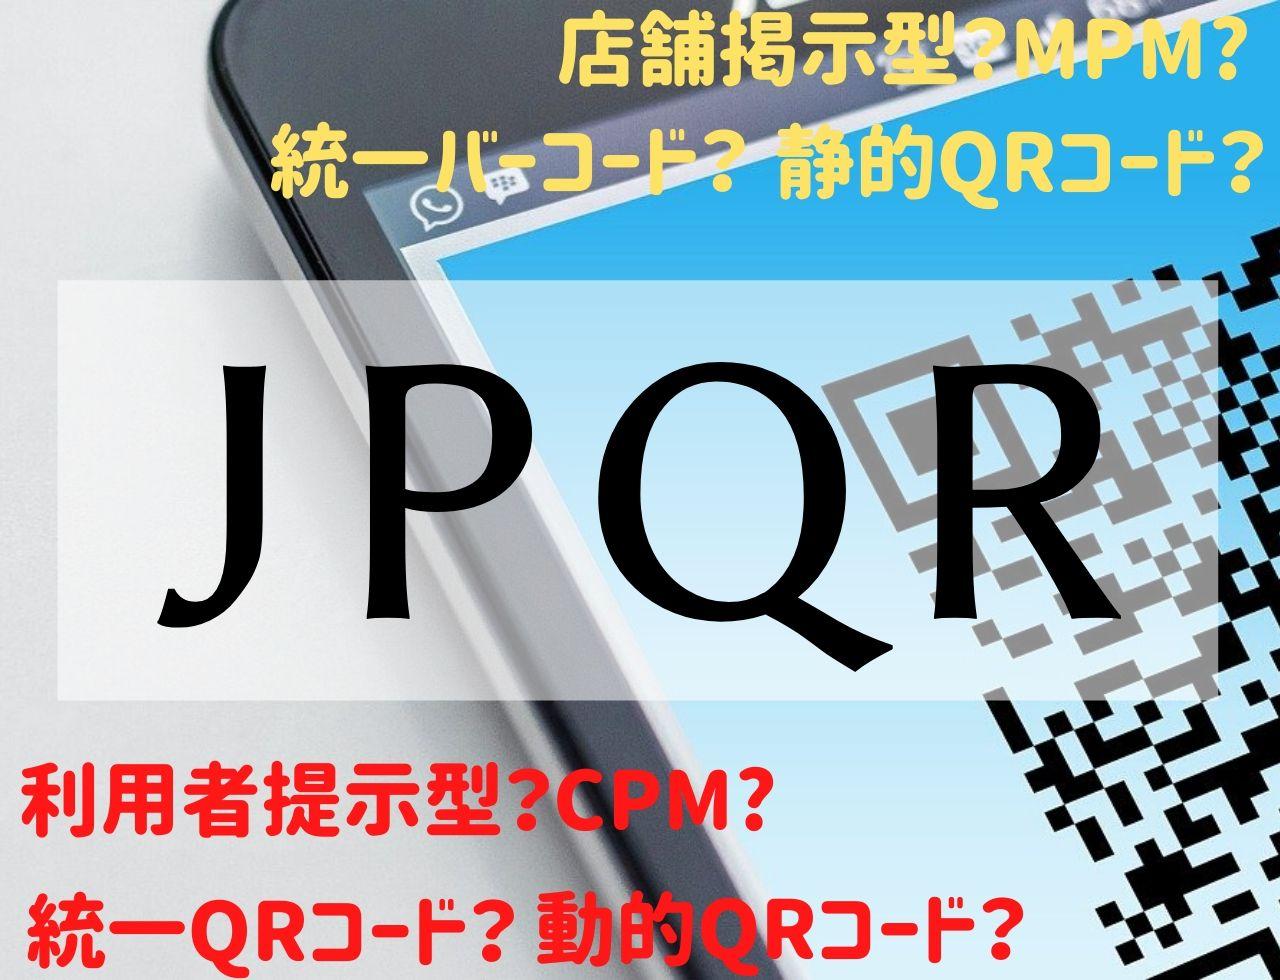 JPQRの利用者提示型(CPM)・店舗提示型(MPM)や静的QRコード・動的QRコードの仕様は?